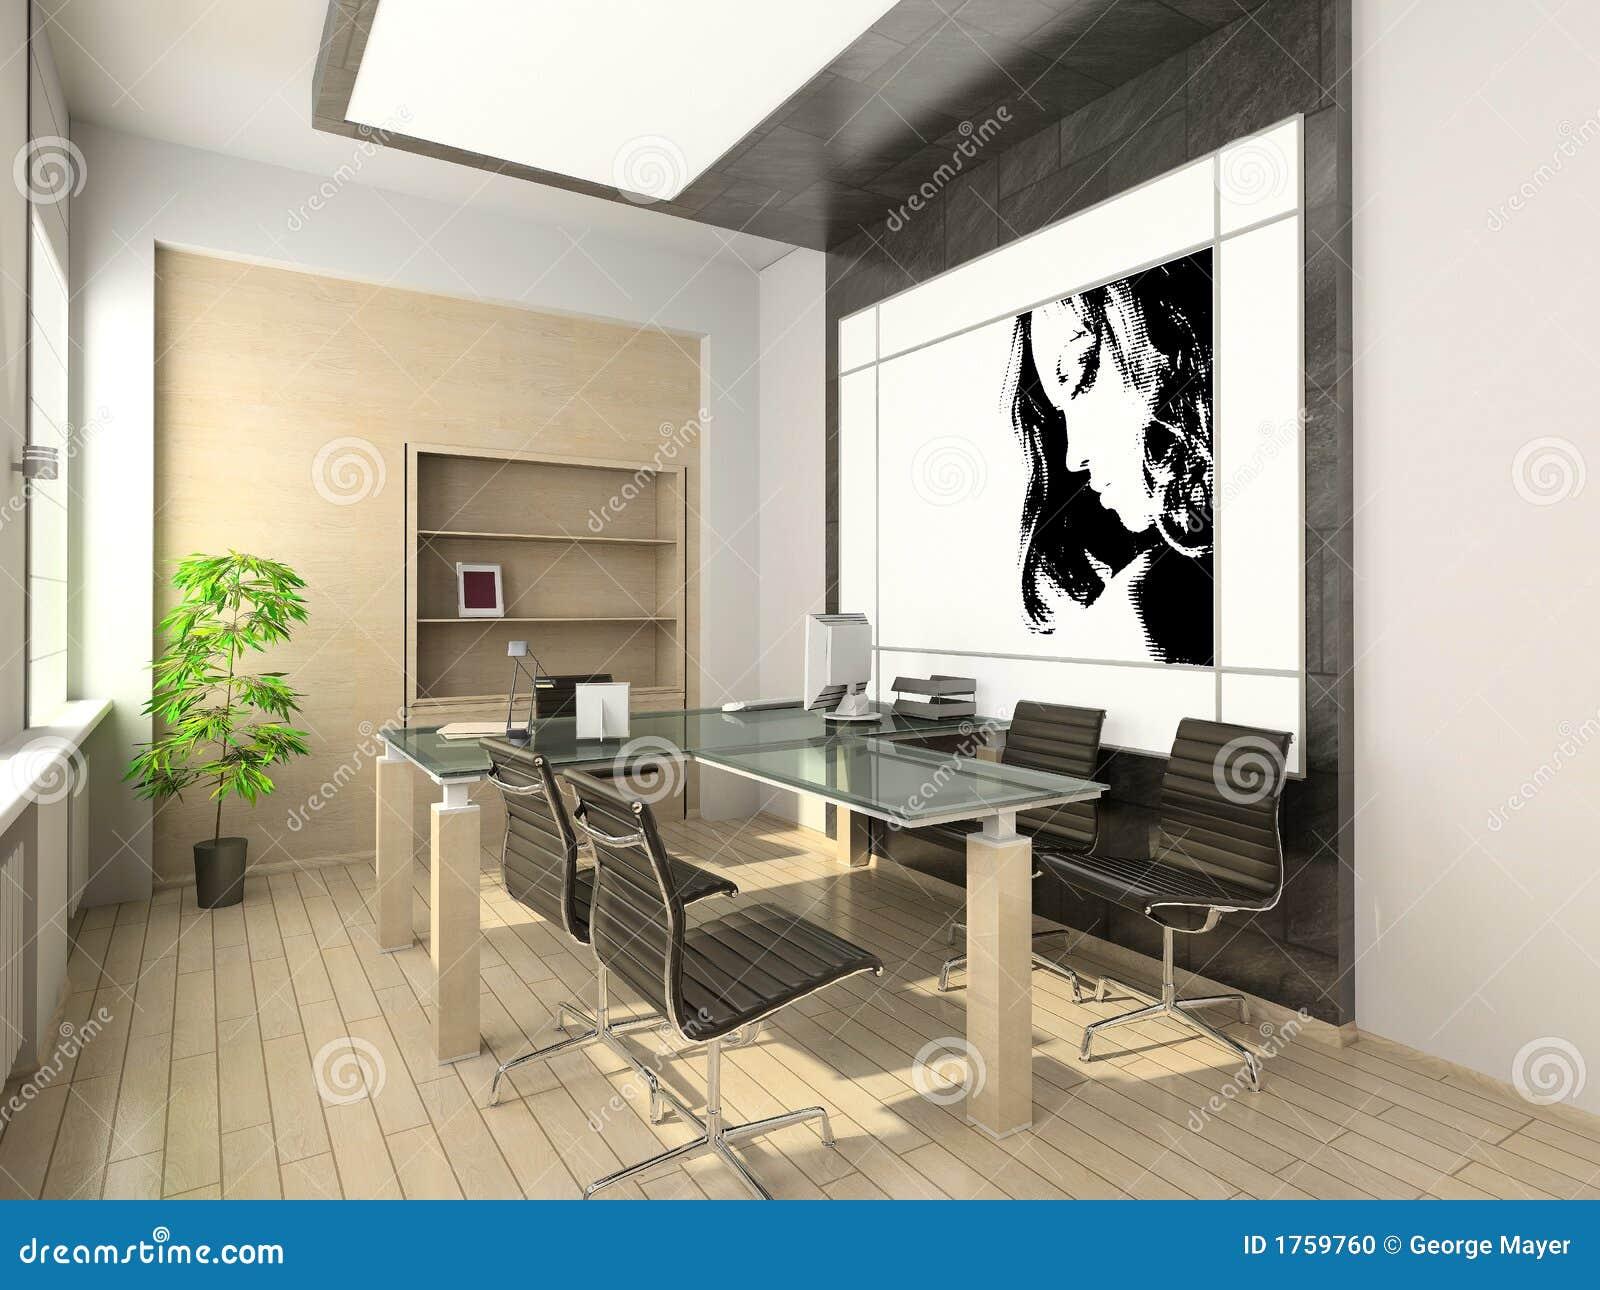 Dise o de oficina moderna interior de alta tecnolog a for Disenos para oficinas modernas